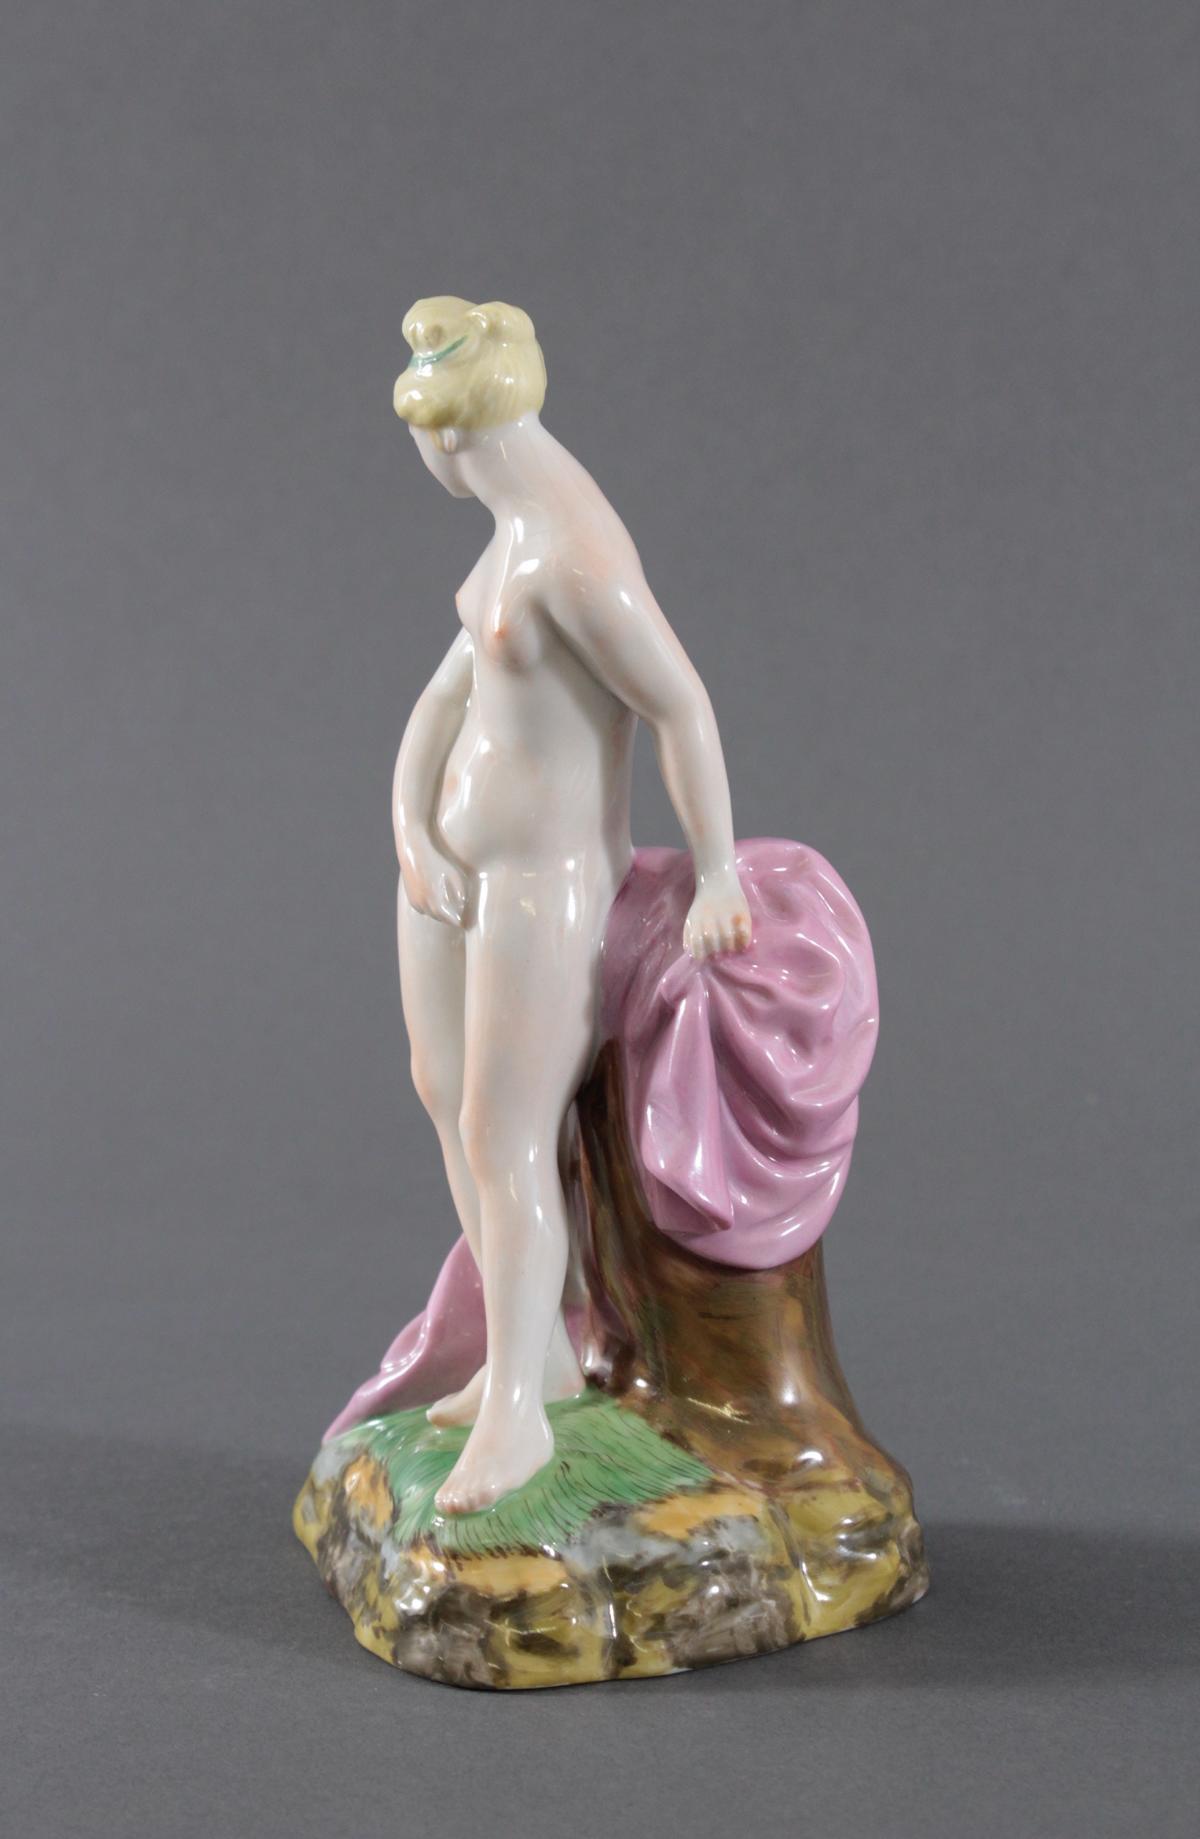 Höchst Porzellanfigur. 'Venus vor dem Bad', 20. Jh.,-3